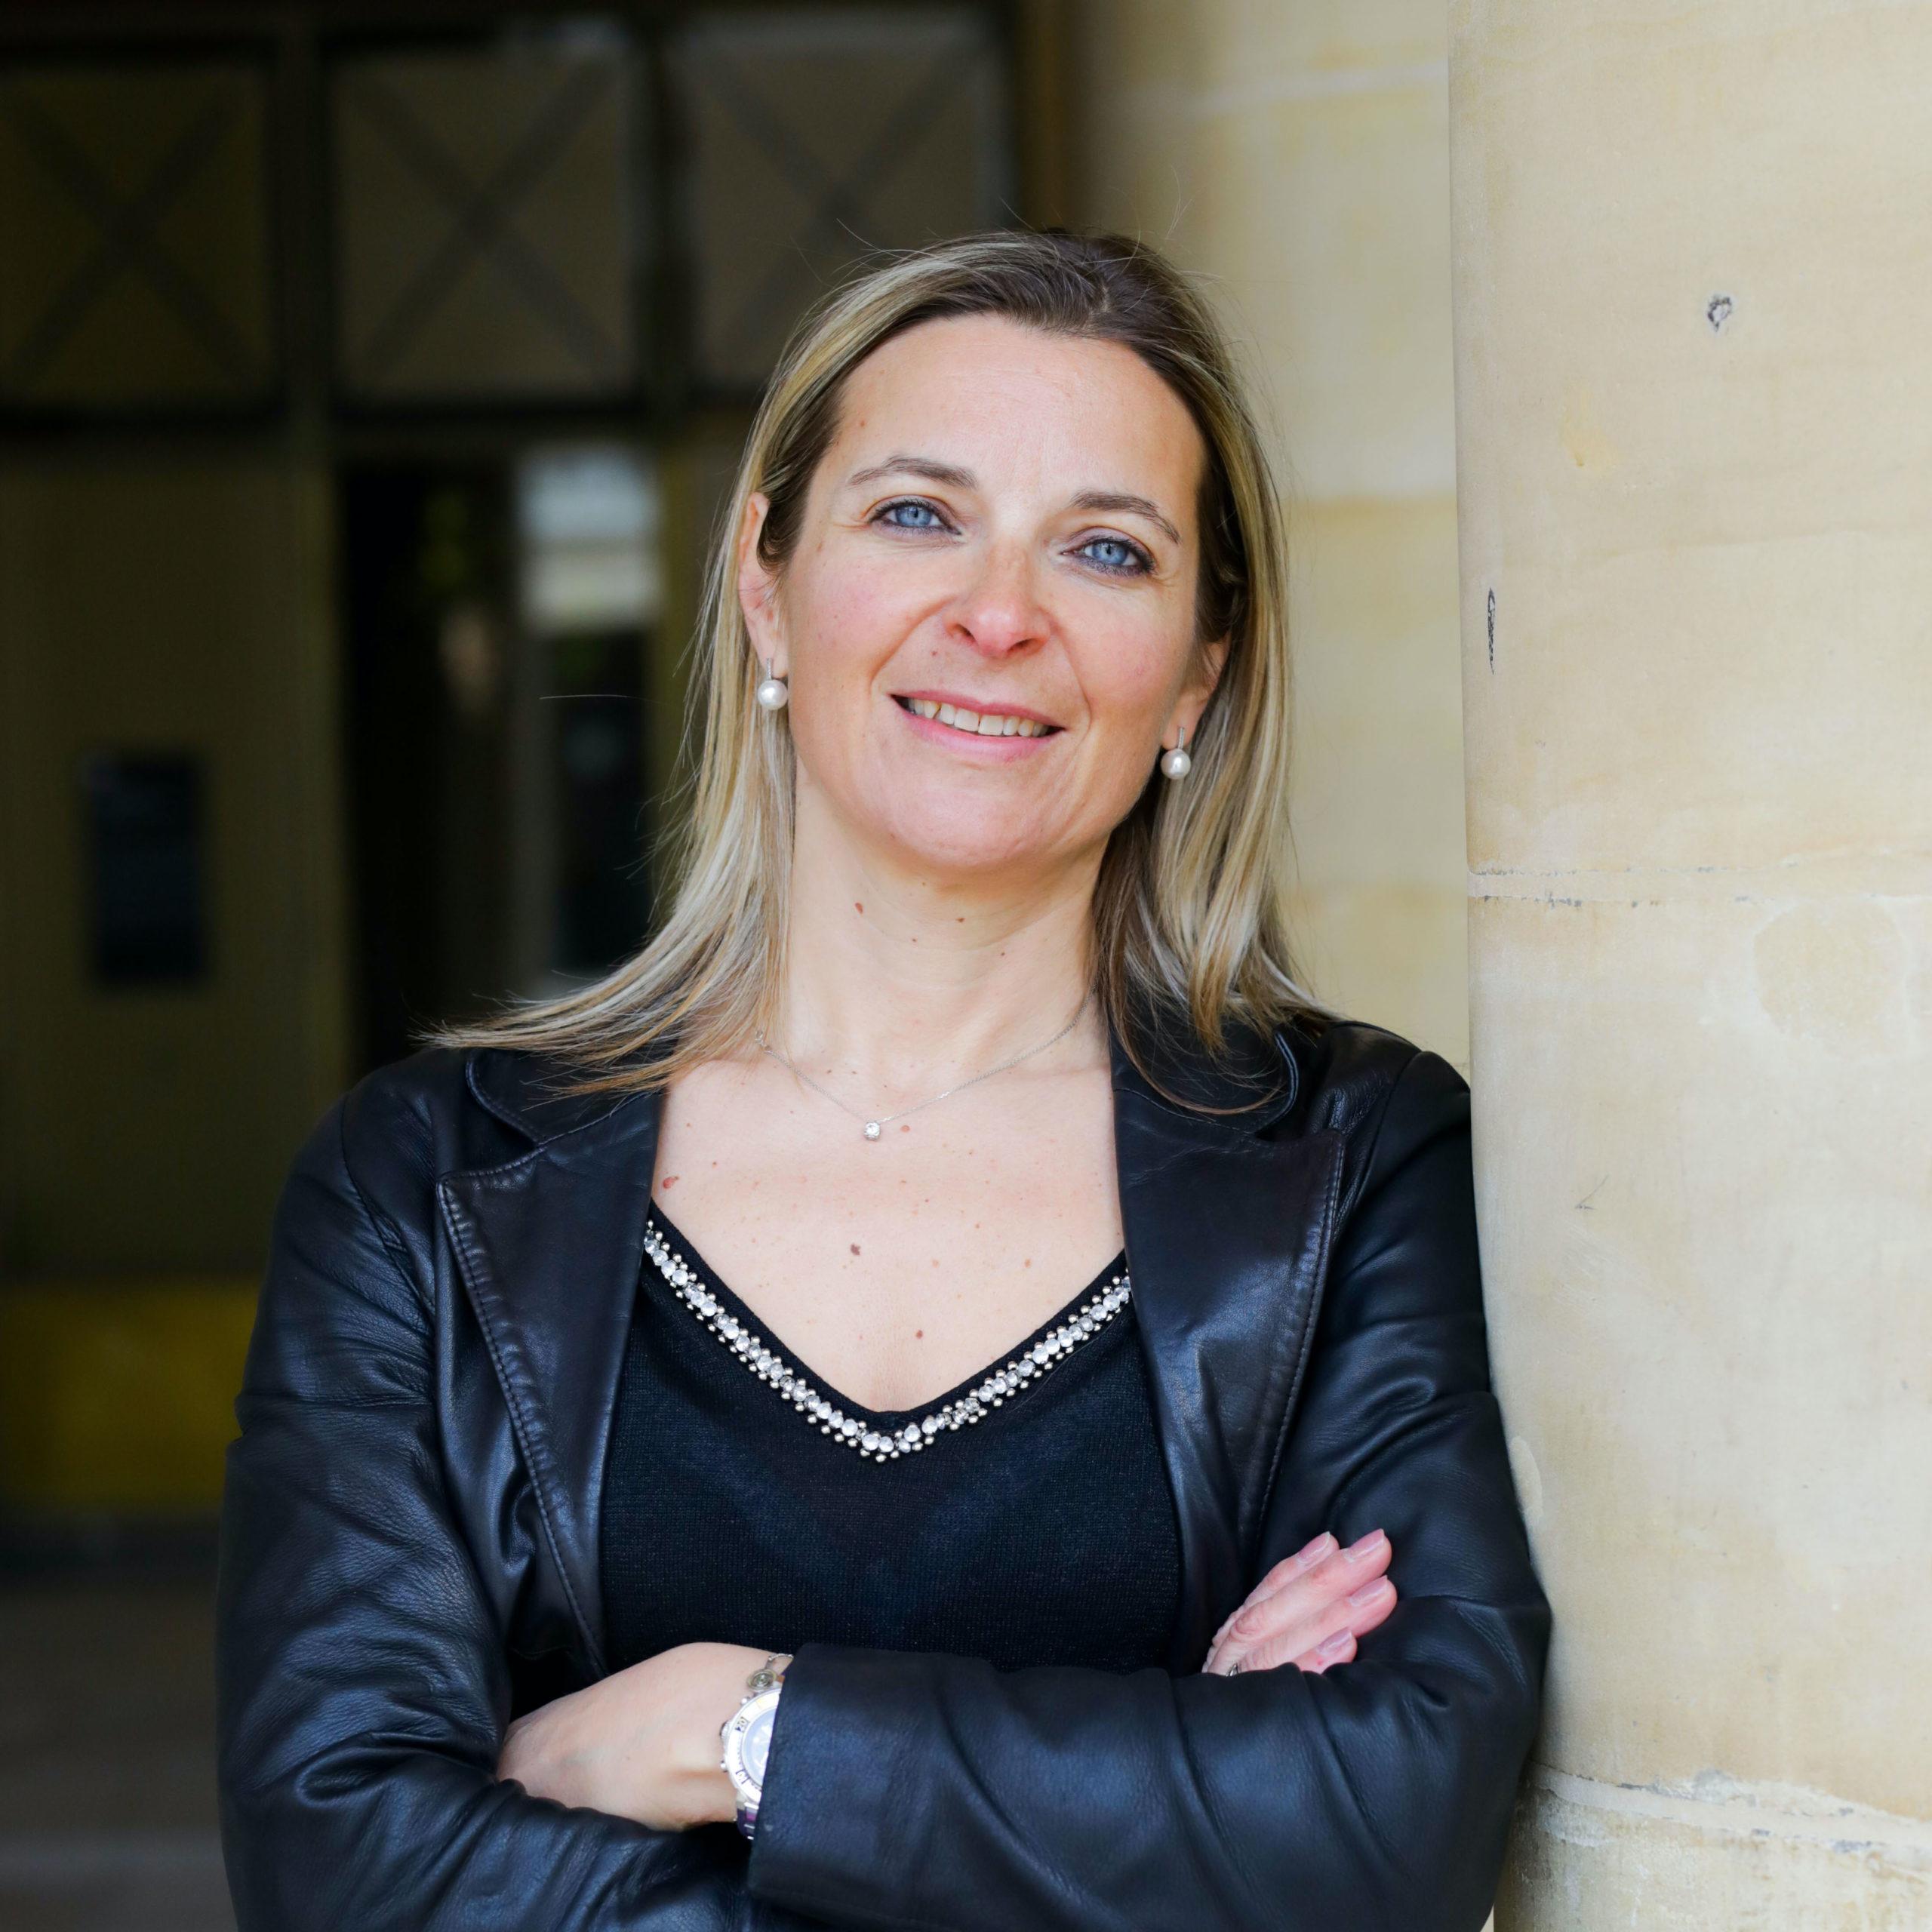 AurelieCarre